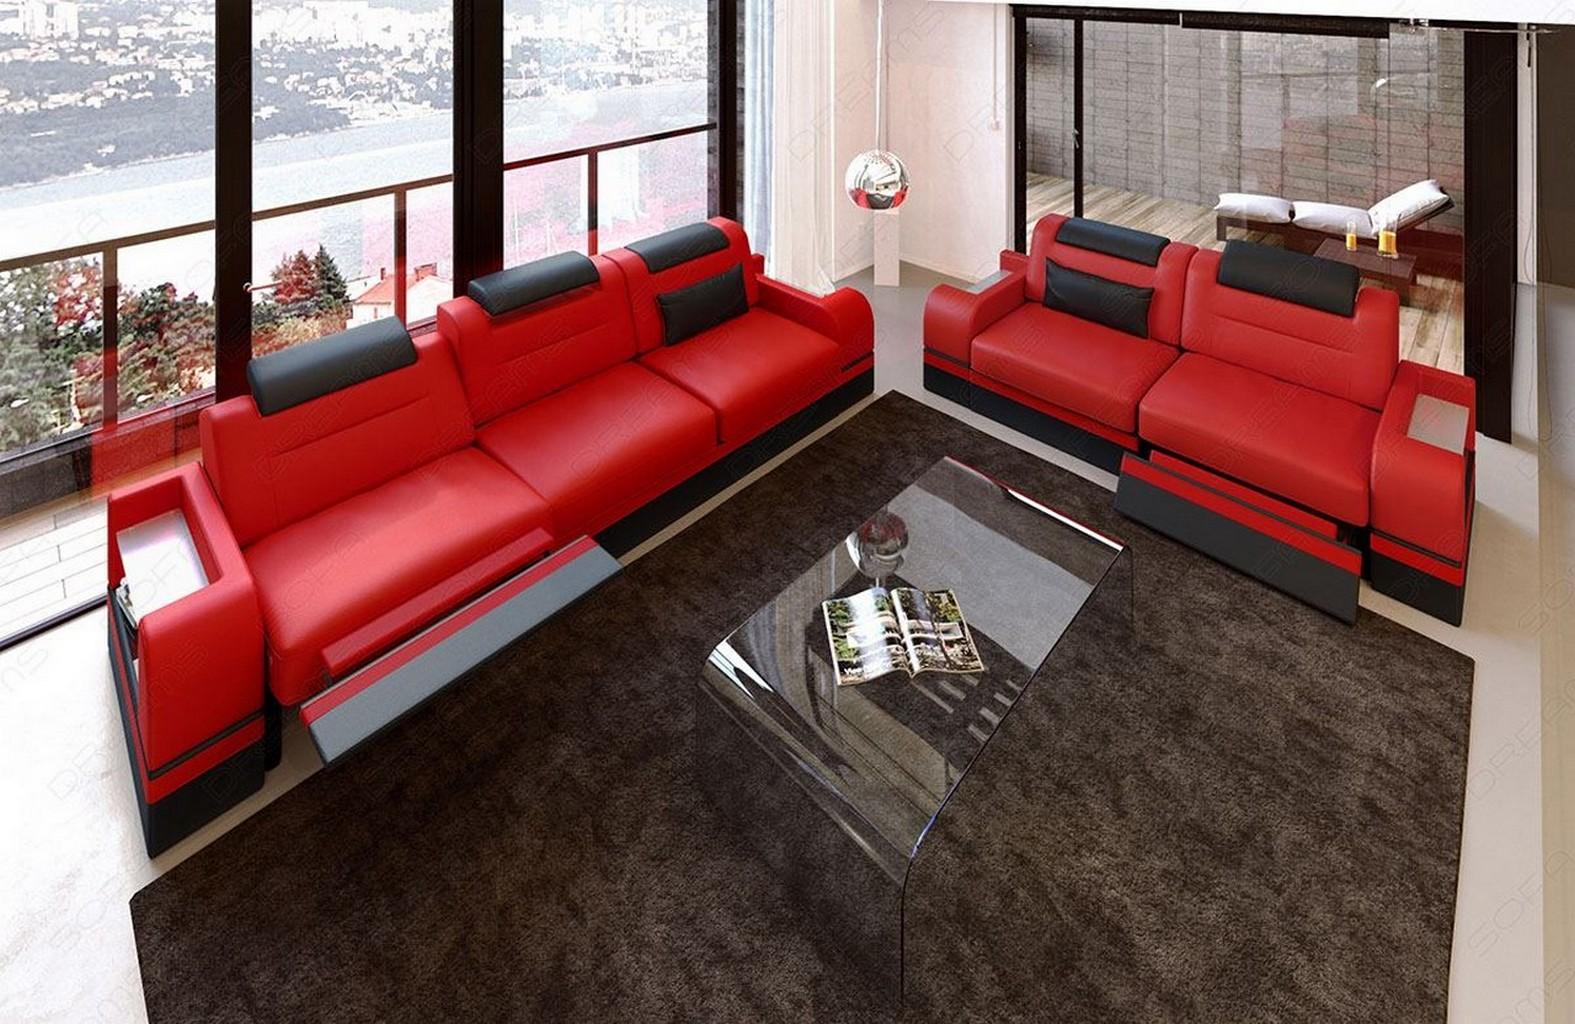 ledersofa garnitur parma 3er 2er 1er in rot schwarz. Black Bedroom Furniture Sets. Home Design Ideas